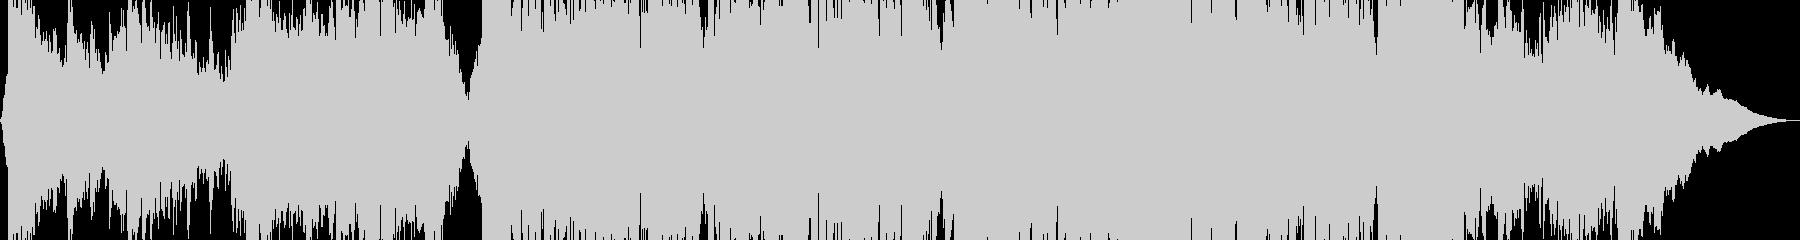 インディーロック ワイルド スタイ...の未再生の波形